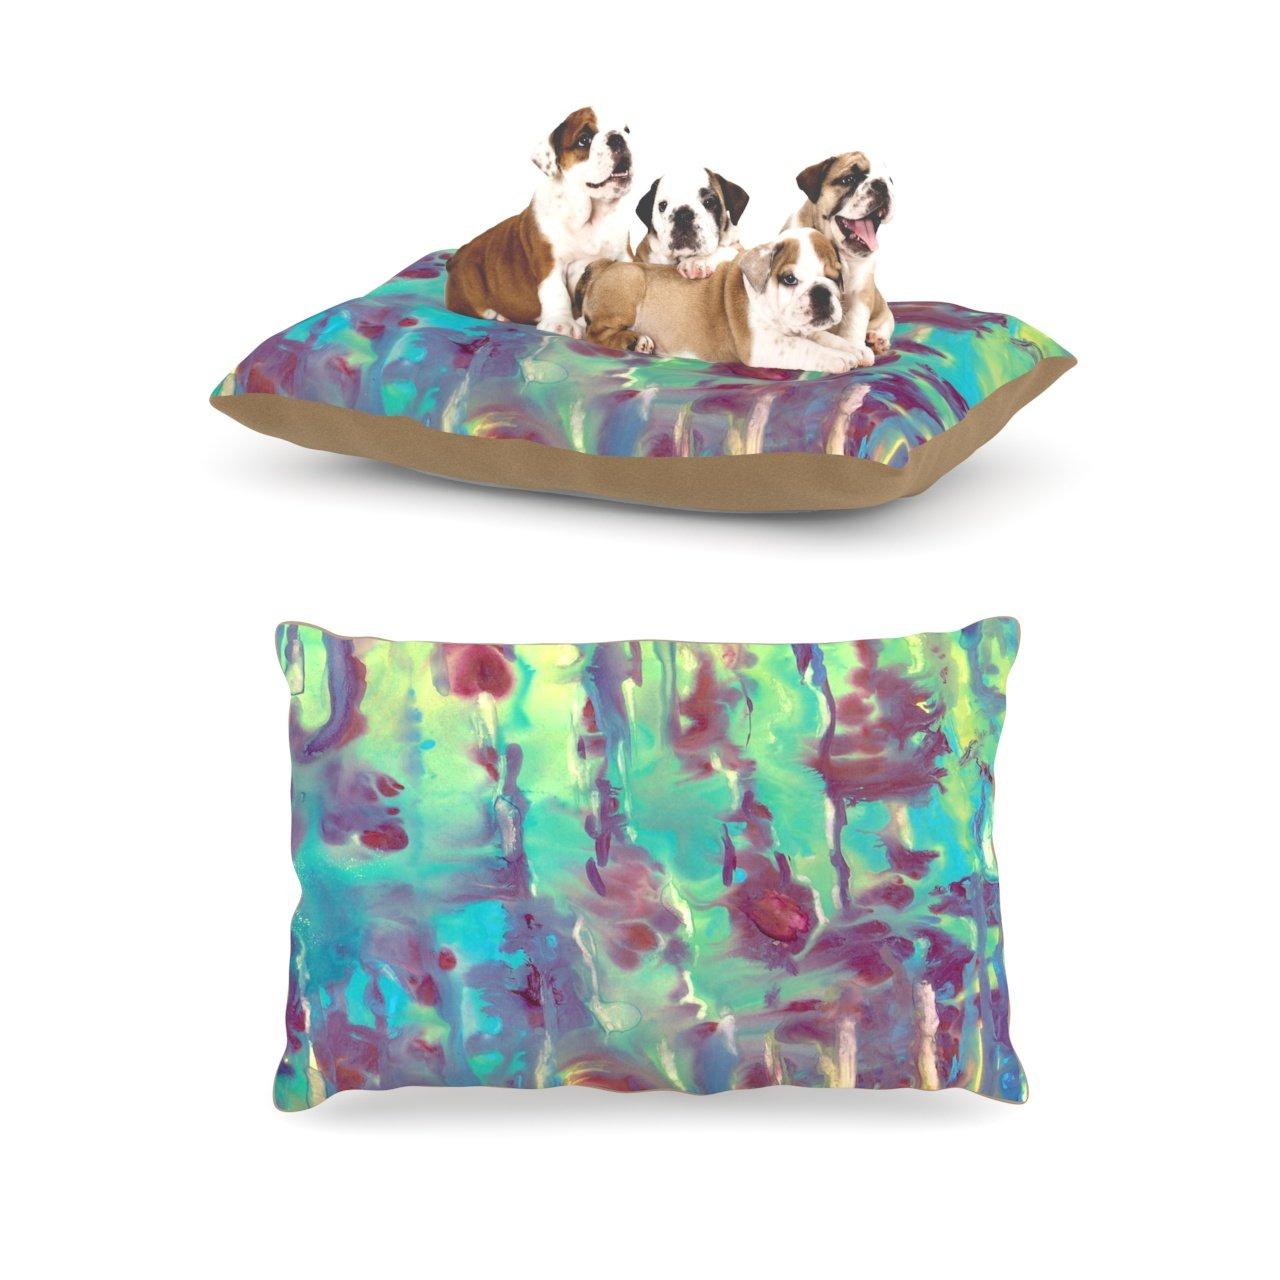 Kess InHouse Rosie Brown Splash  Fleece Dog Bed, 30 by 40-Inch